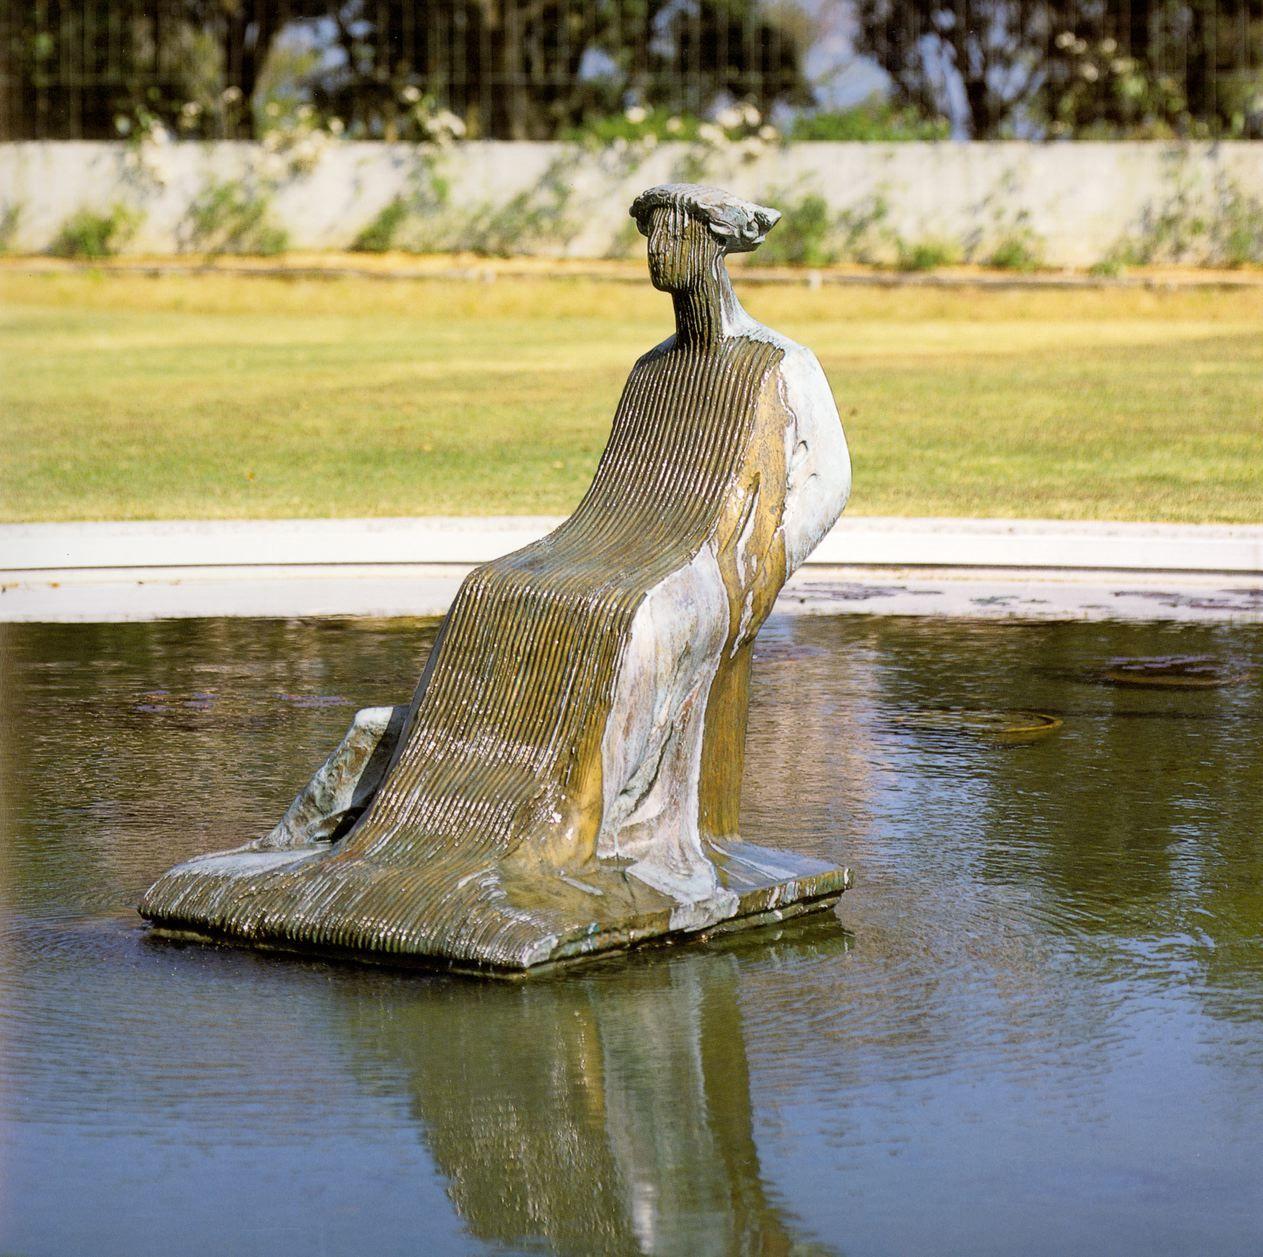 DONNA RIGATA E ACQUA, 1994 di VANGI GIULIANO  tuttotondo in bronzo cm.135x105x110  Collocazione: The Vangi Sculpture Museum, Mishima JPN